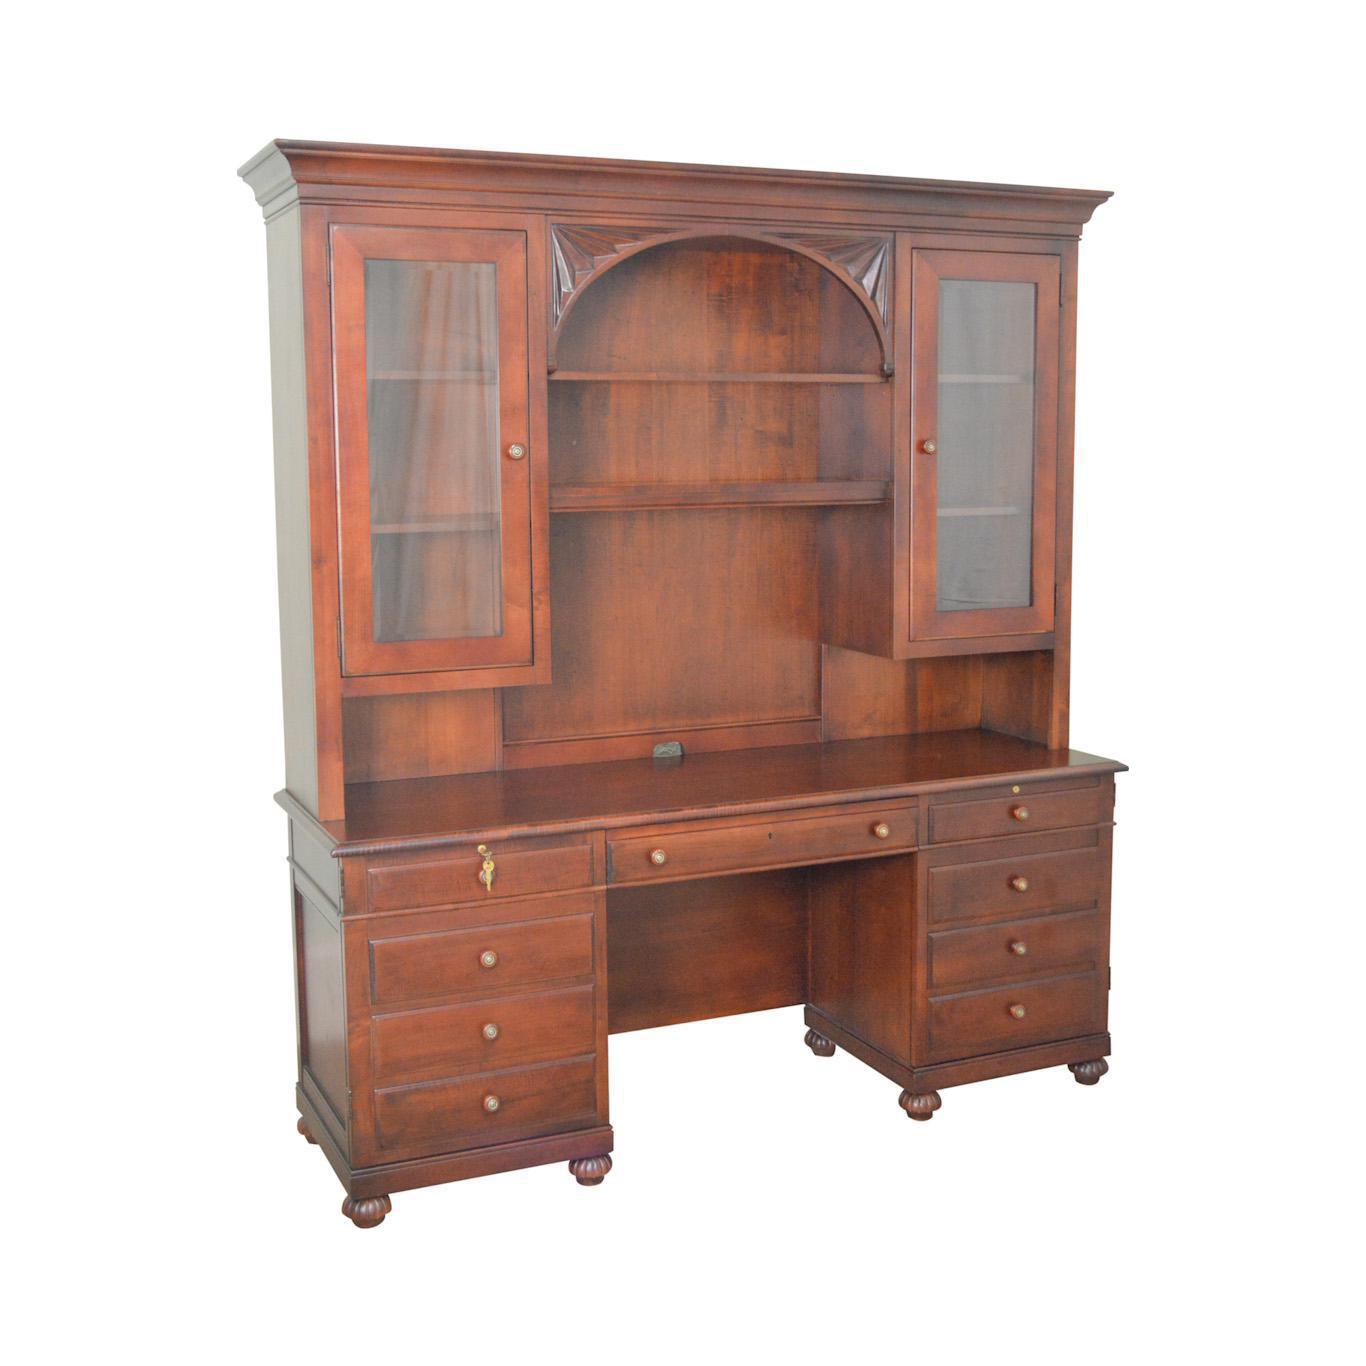 Ethan Allen British Classics Office Desk Credenza W/ Hutch Top